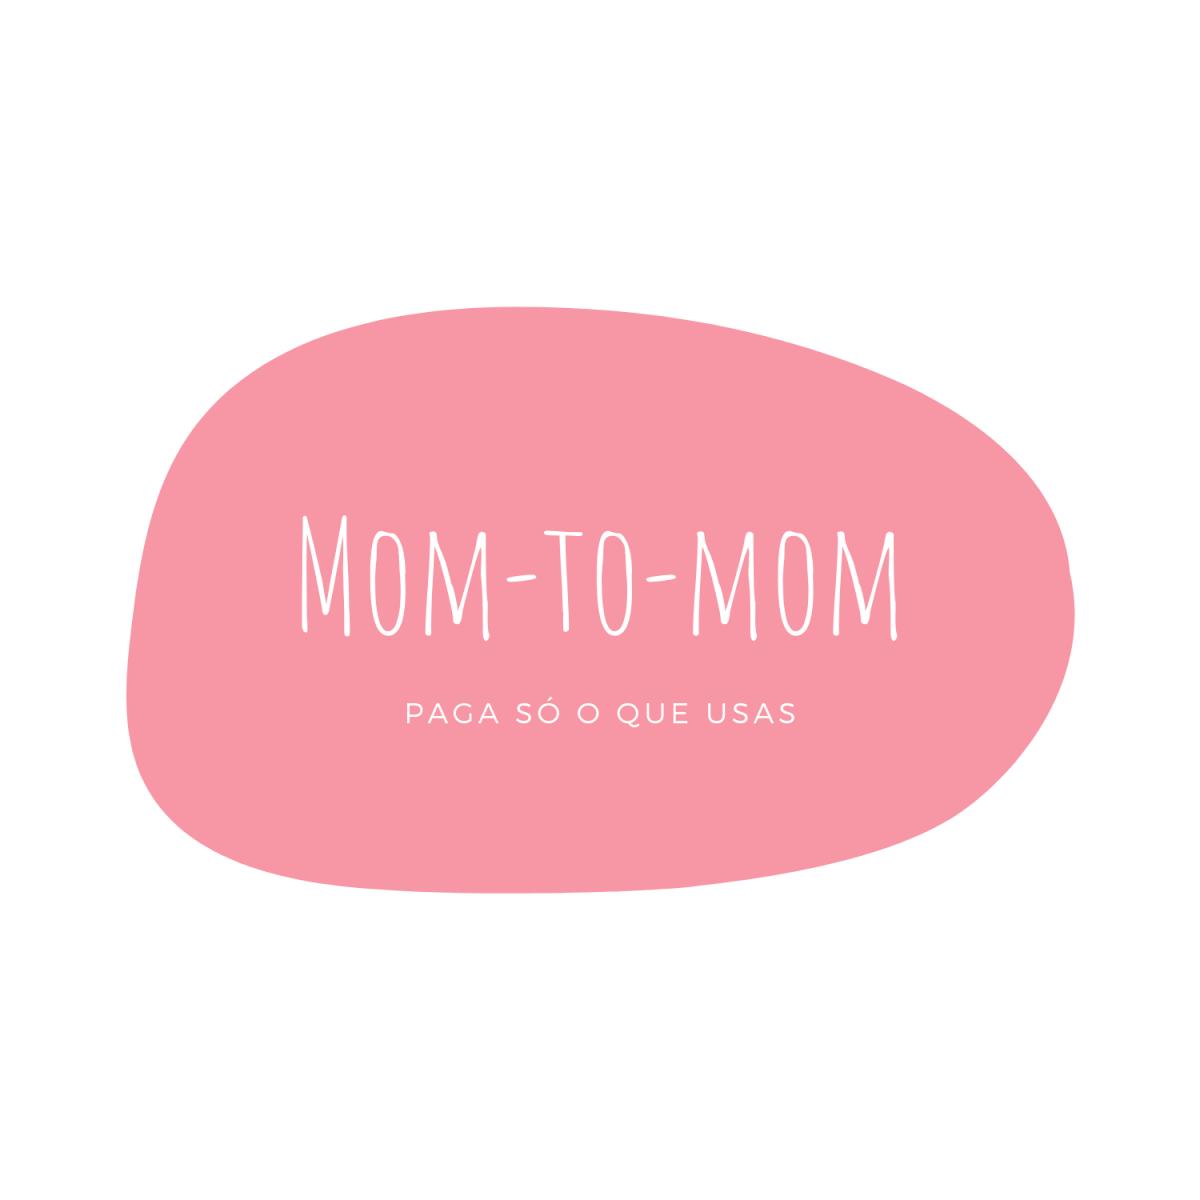 Mom-to-Mom, uma iniciativa sustentável